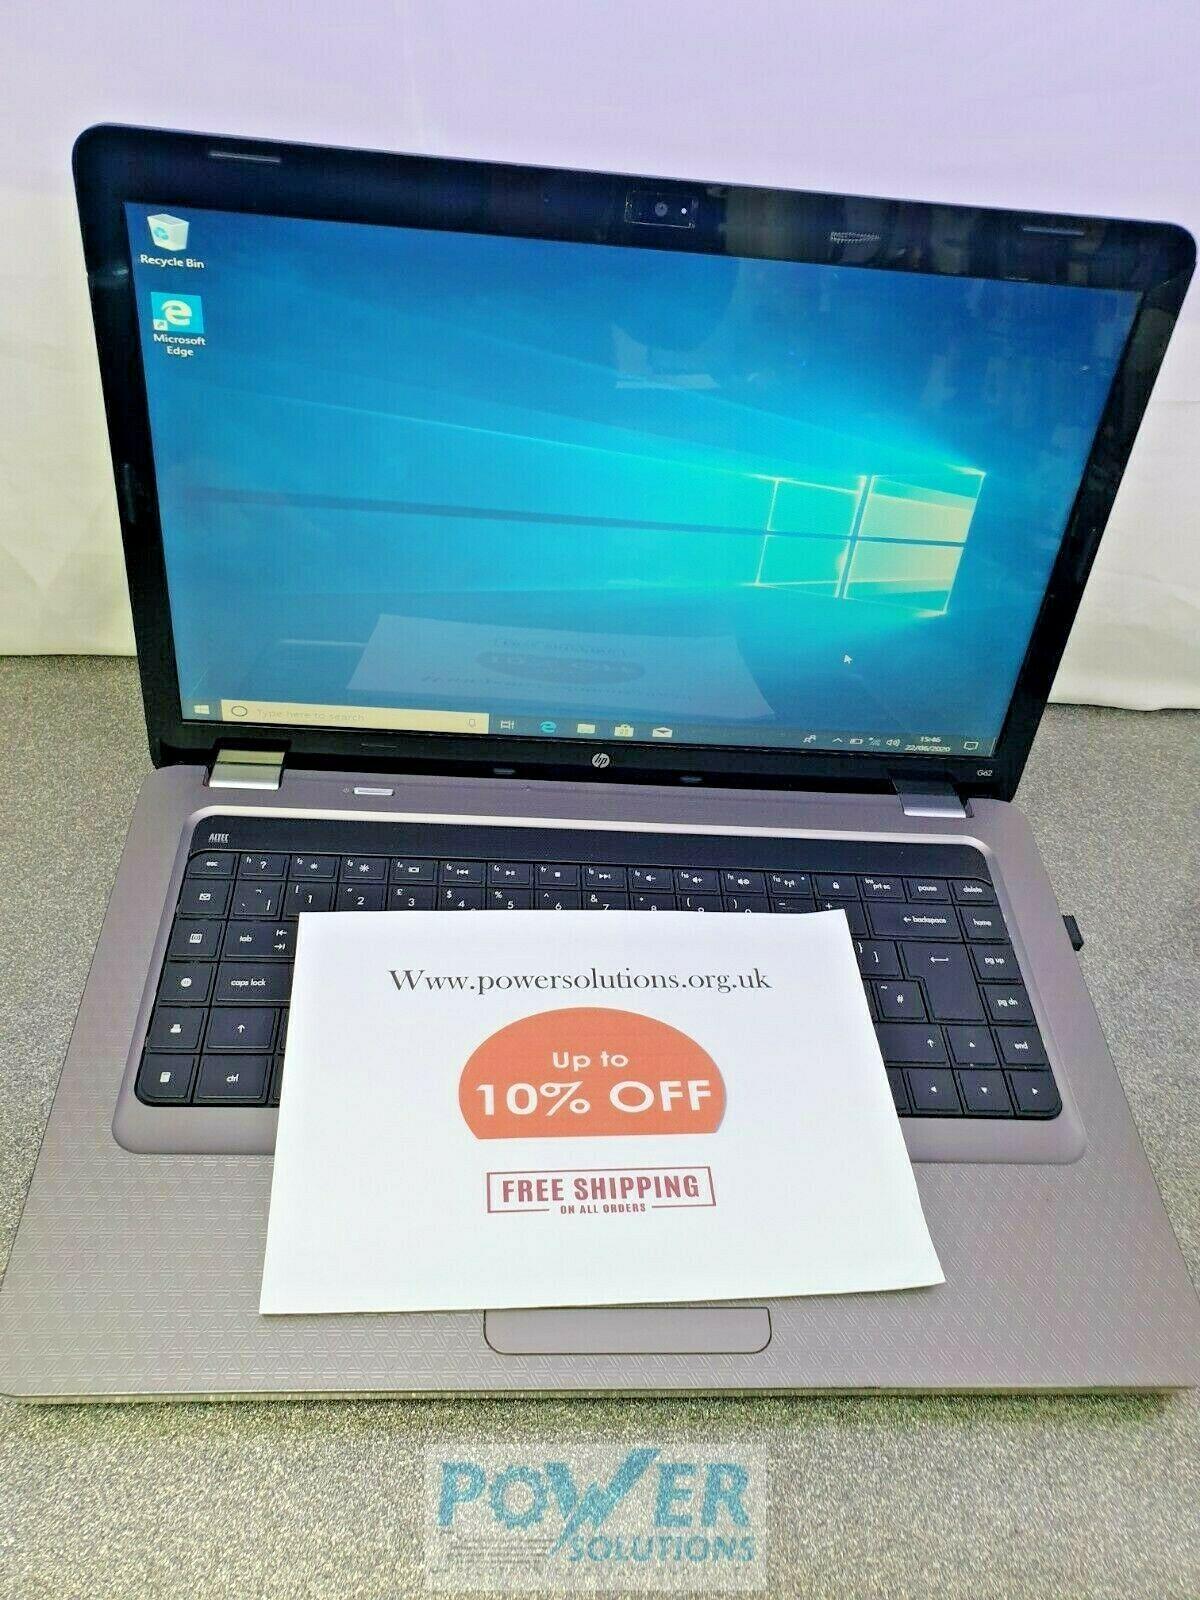 HP G62 b17SA 156 500GB AMD Turion II Dual Core 24GHz 4GB WIN 10 143638067654